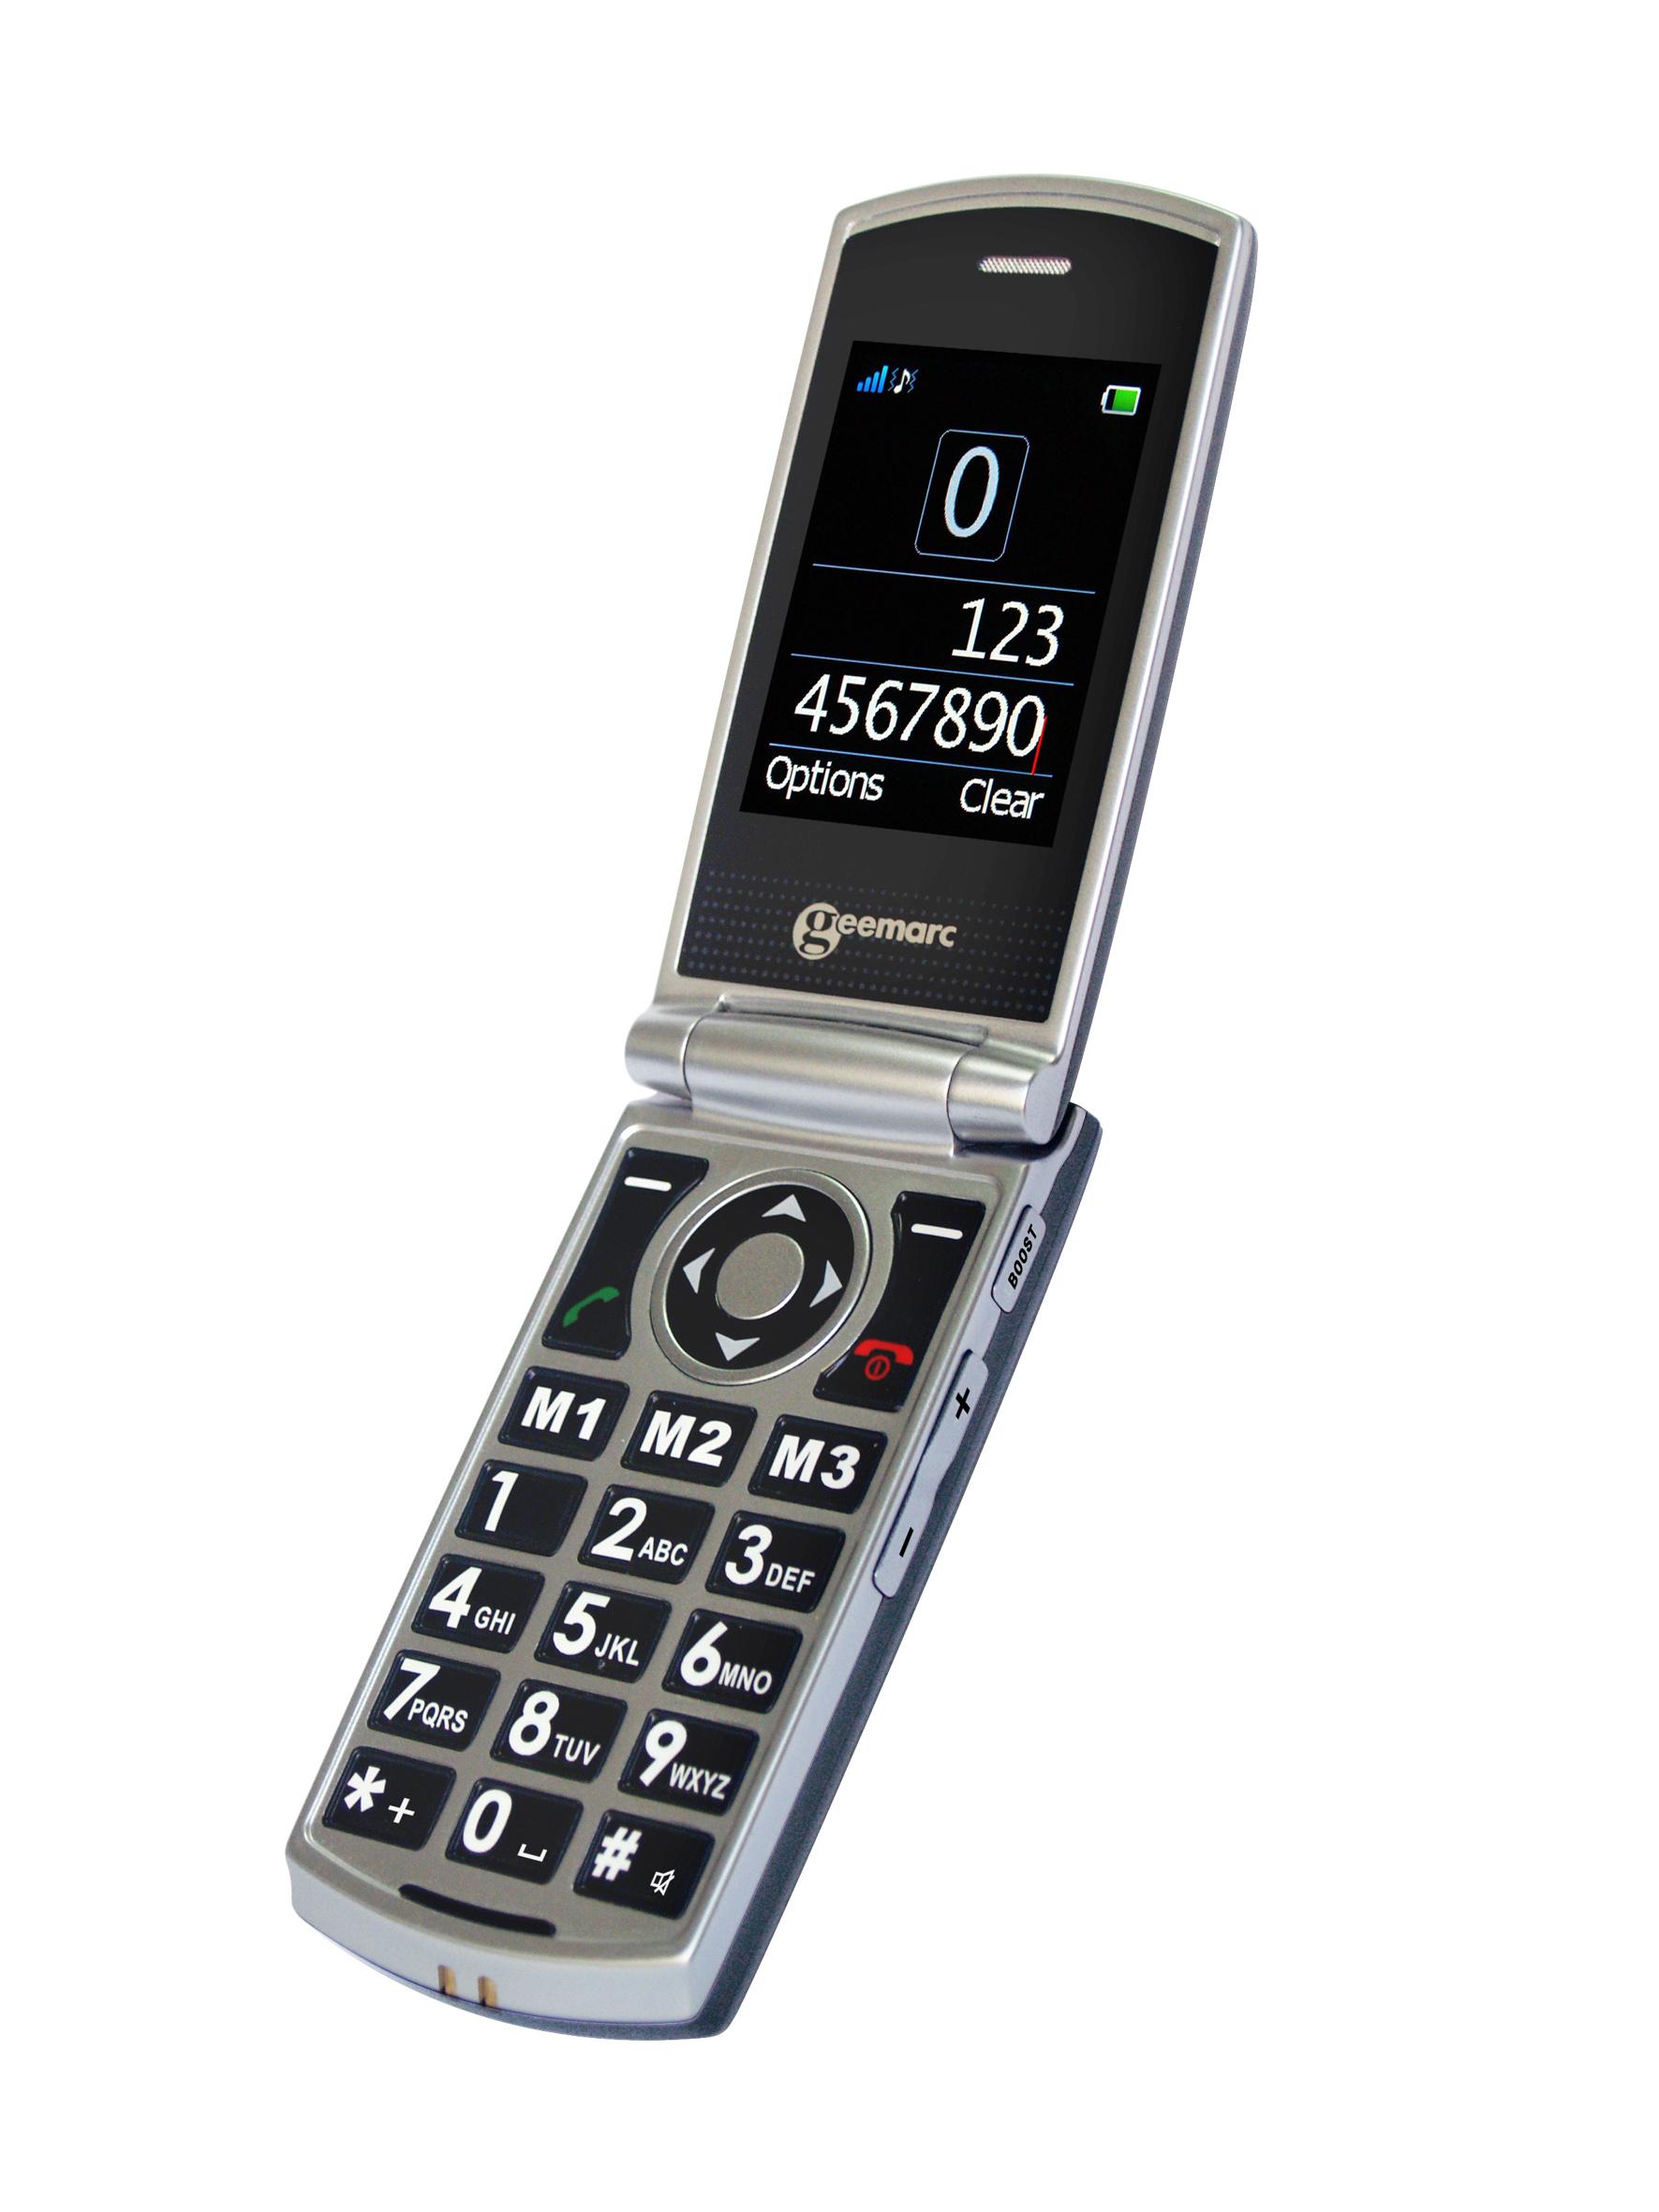 узнать прописку по номеру мобильного телефона